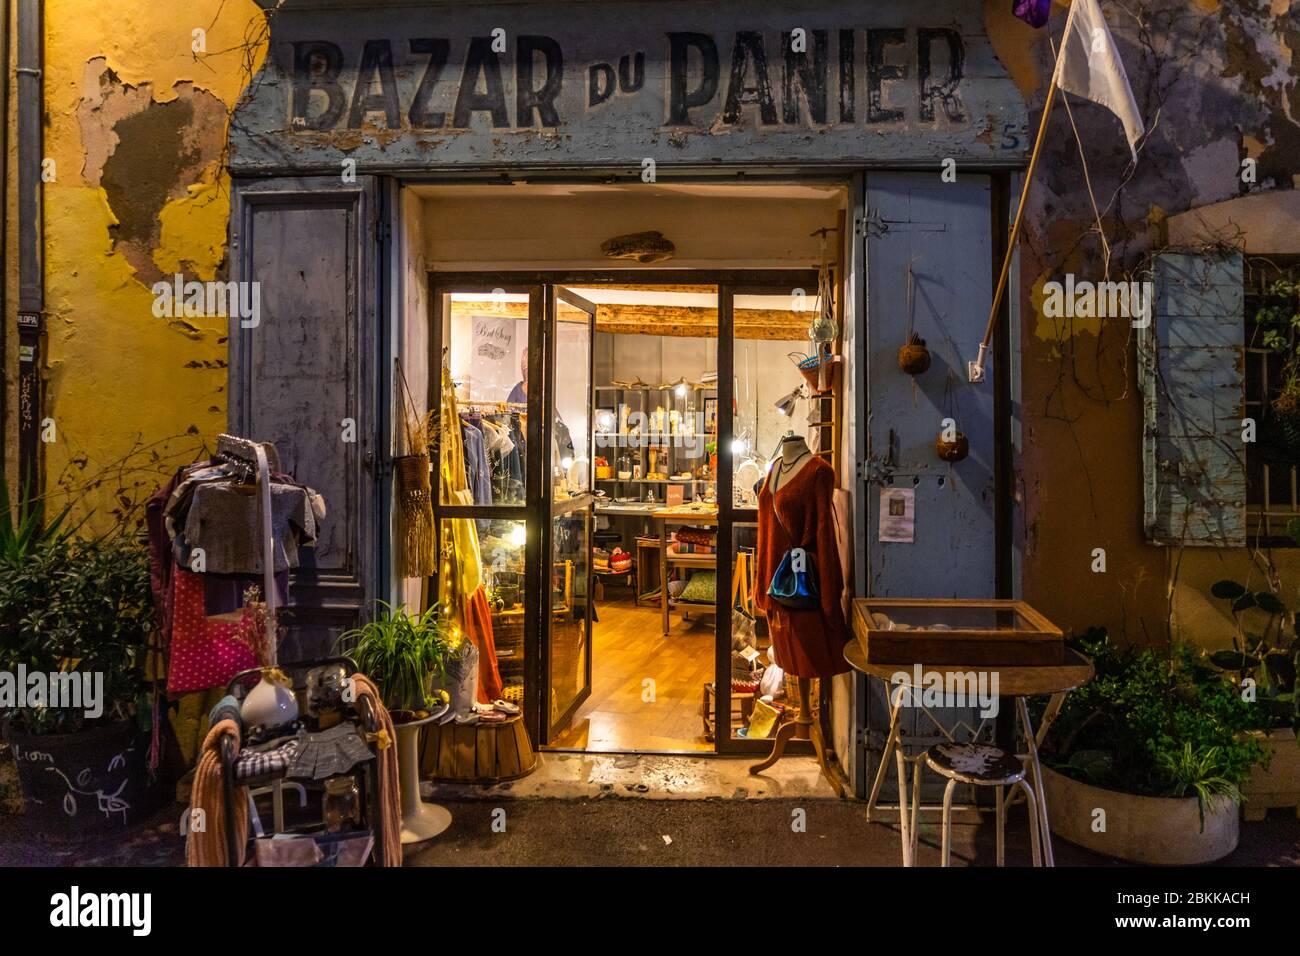 le bazar stockfotos und bilder kaufen